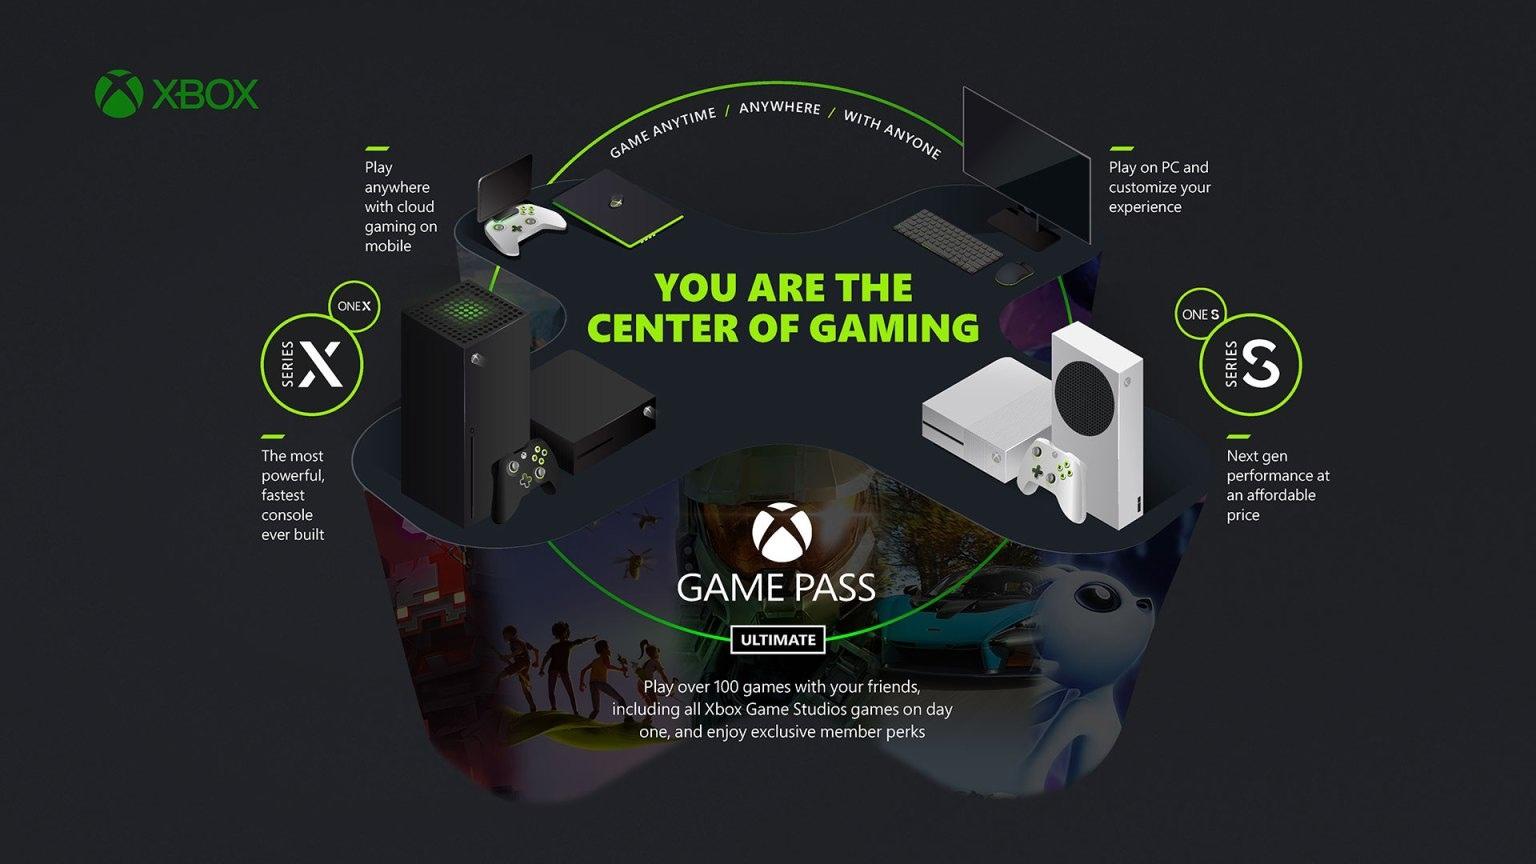 Фил Спенсер и генеральный директор Microsoft Сатья Наделла рассказали о будущем развитии Xbox